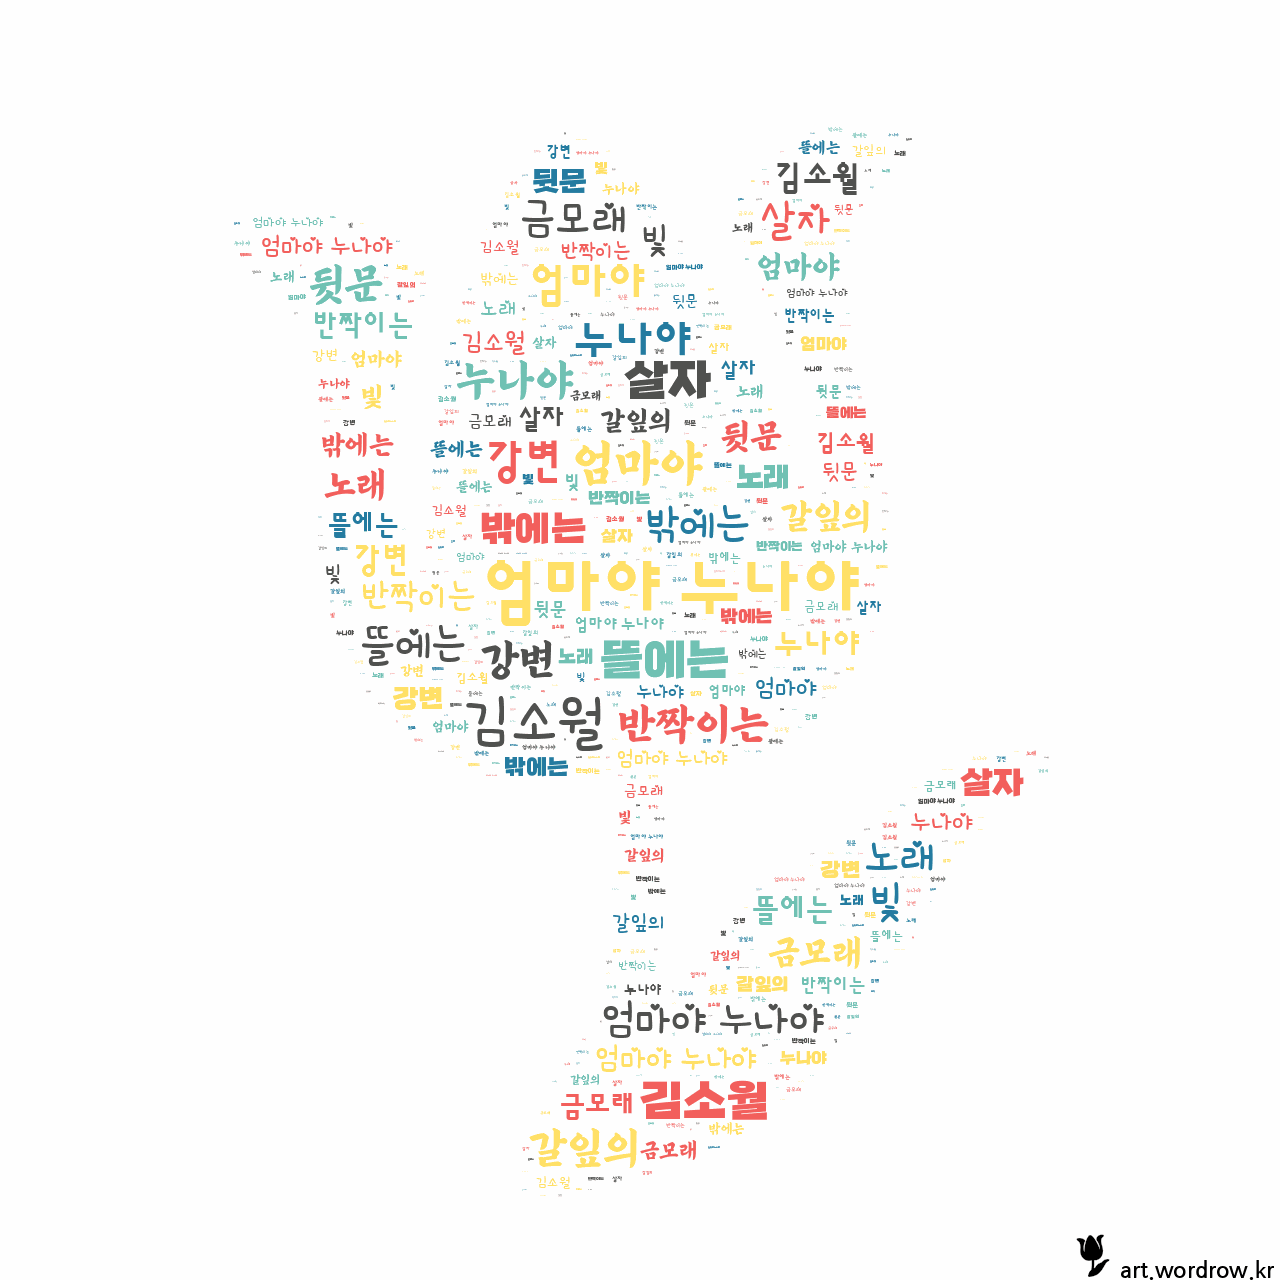 워드 아트: 엄마야 누나야 [김소월]-49